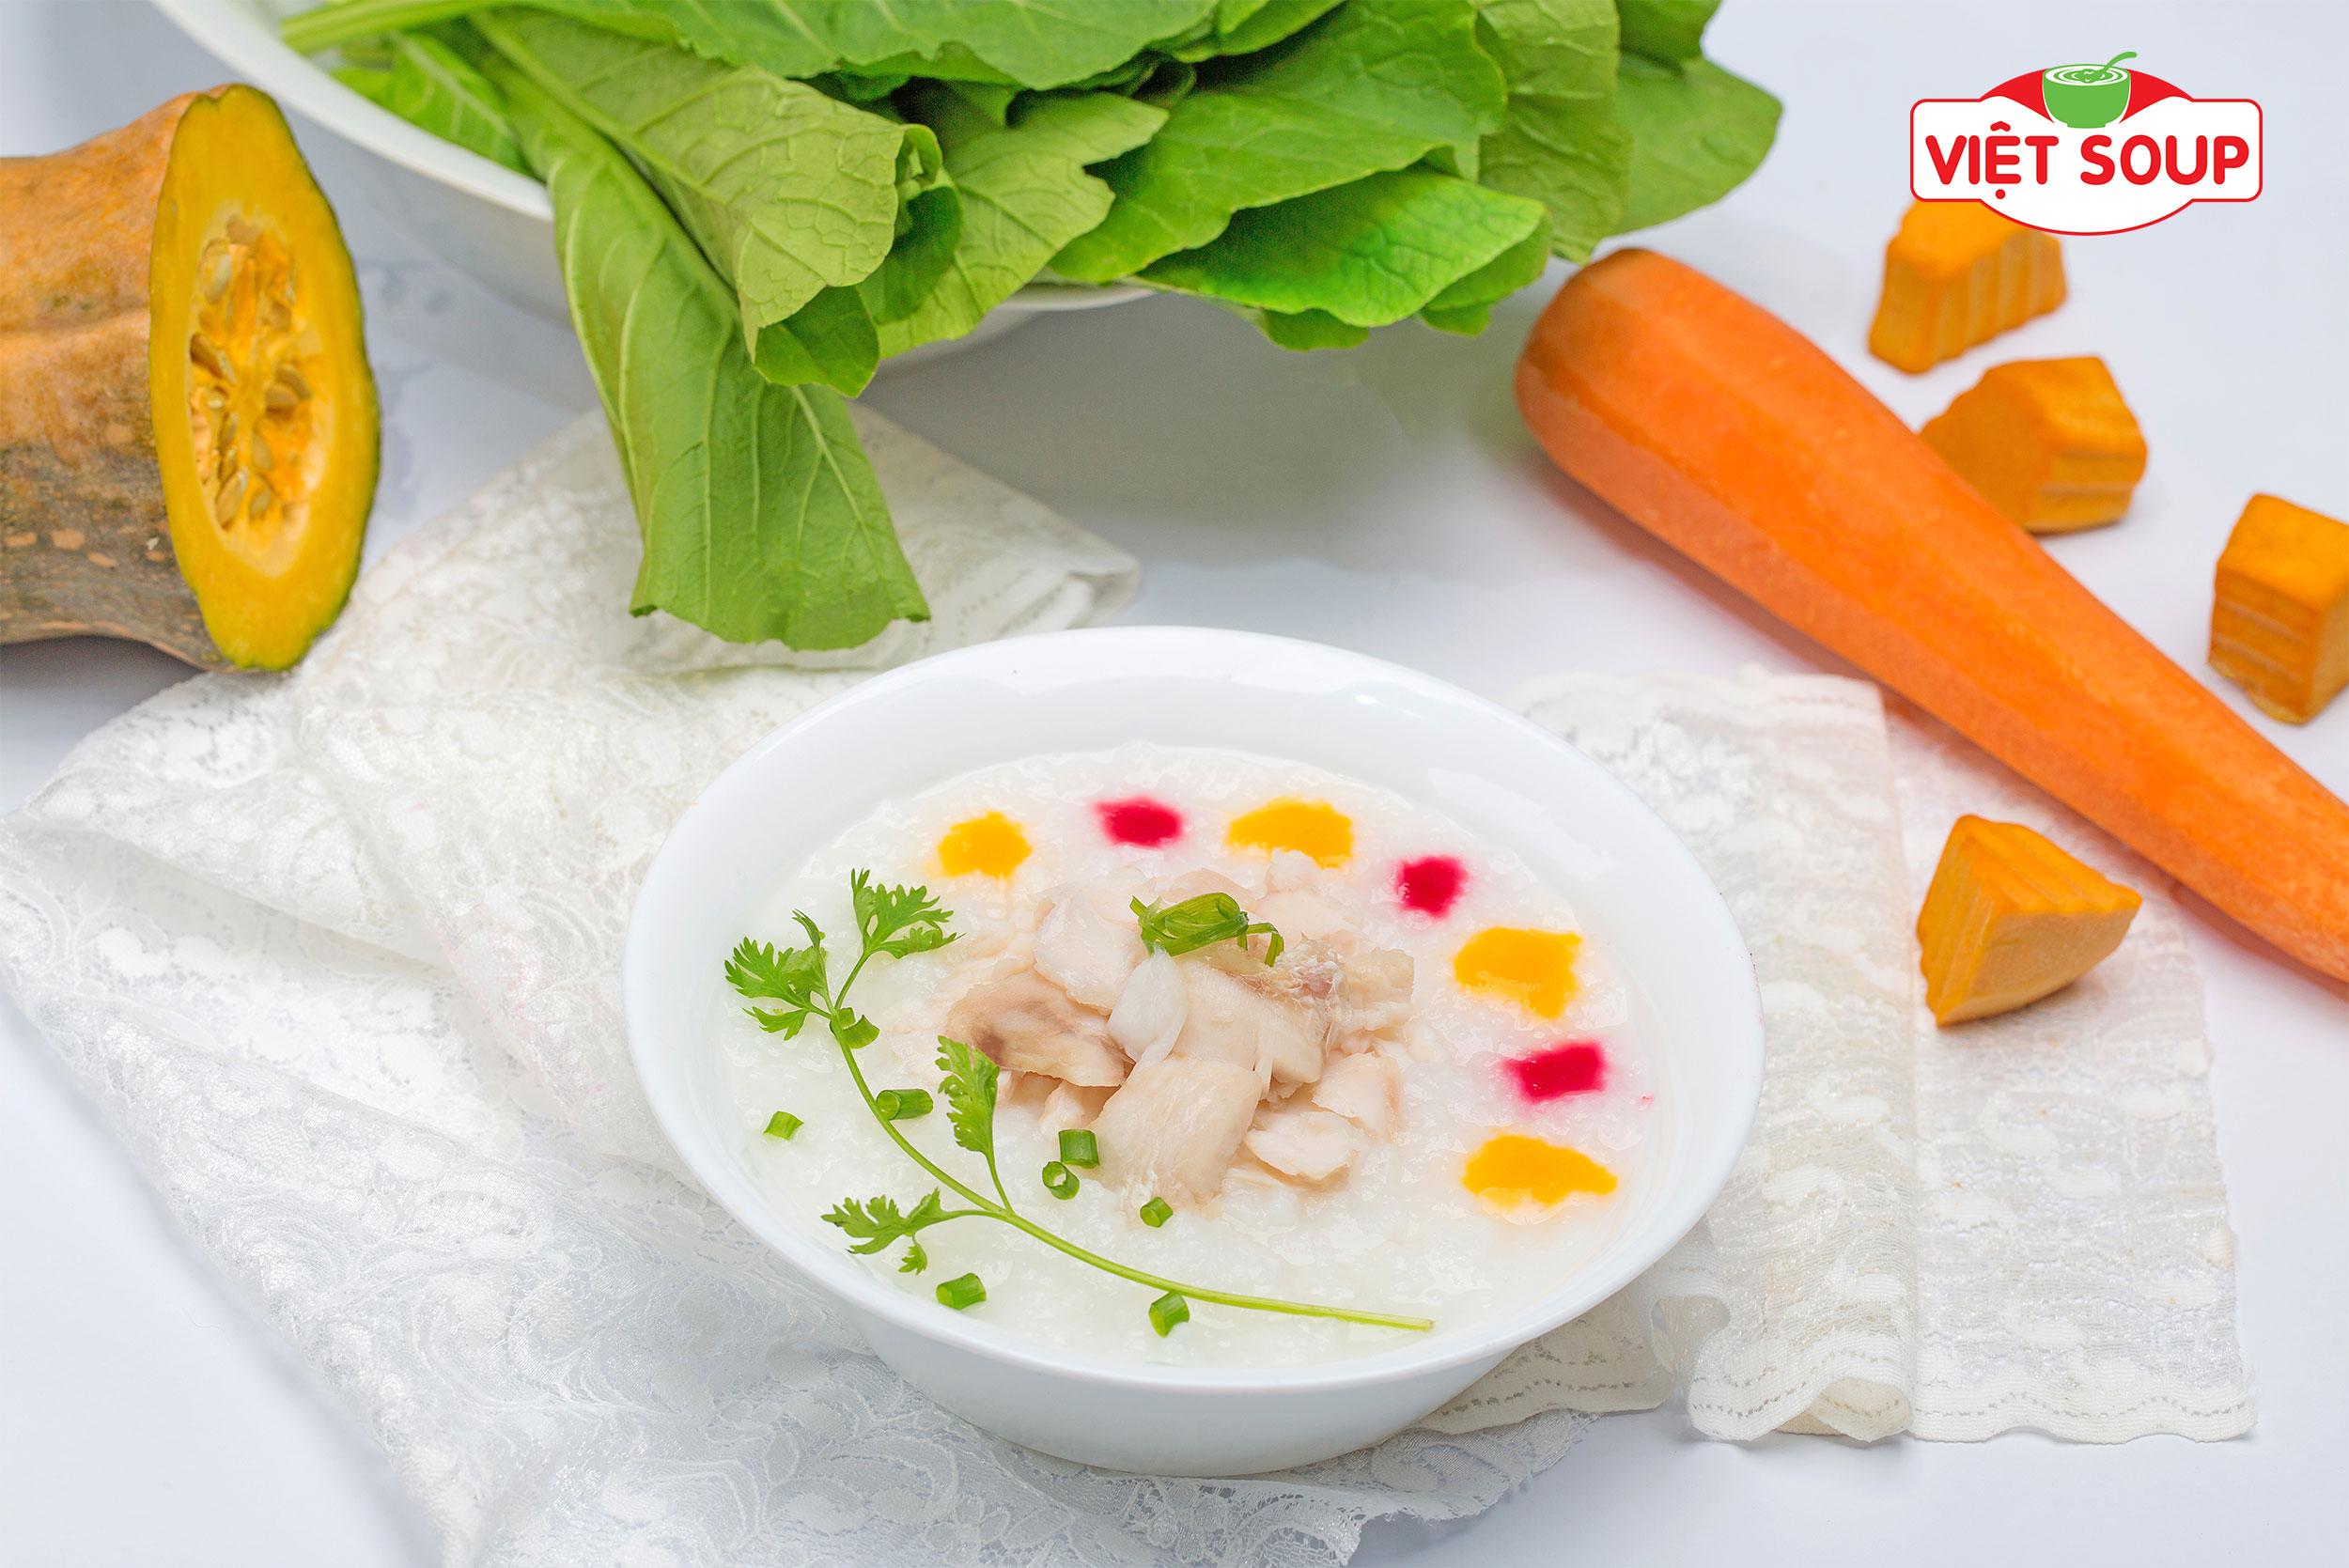 Cháo dinh dưỡng - Cháo cá lóc